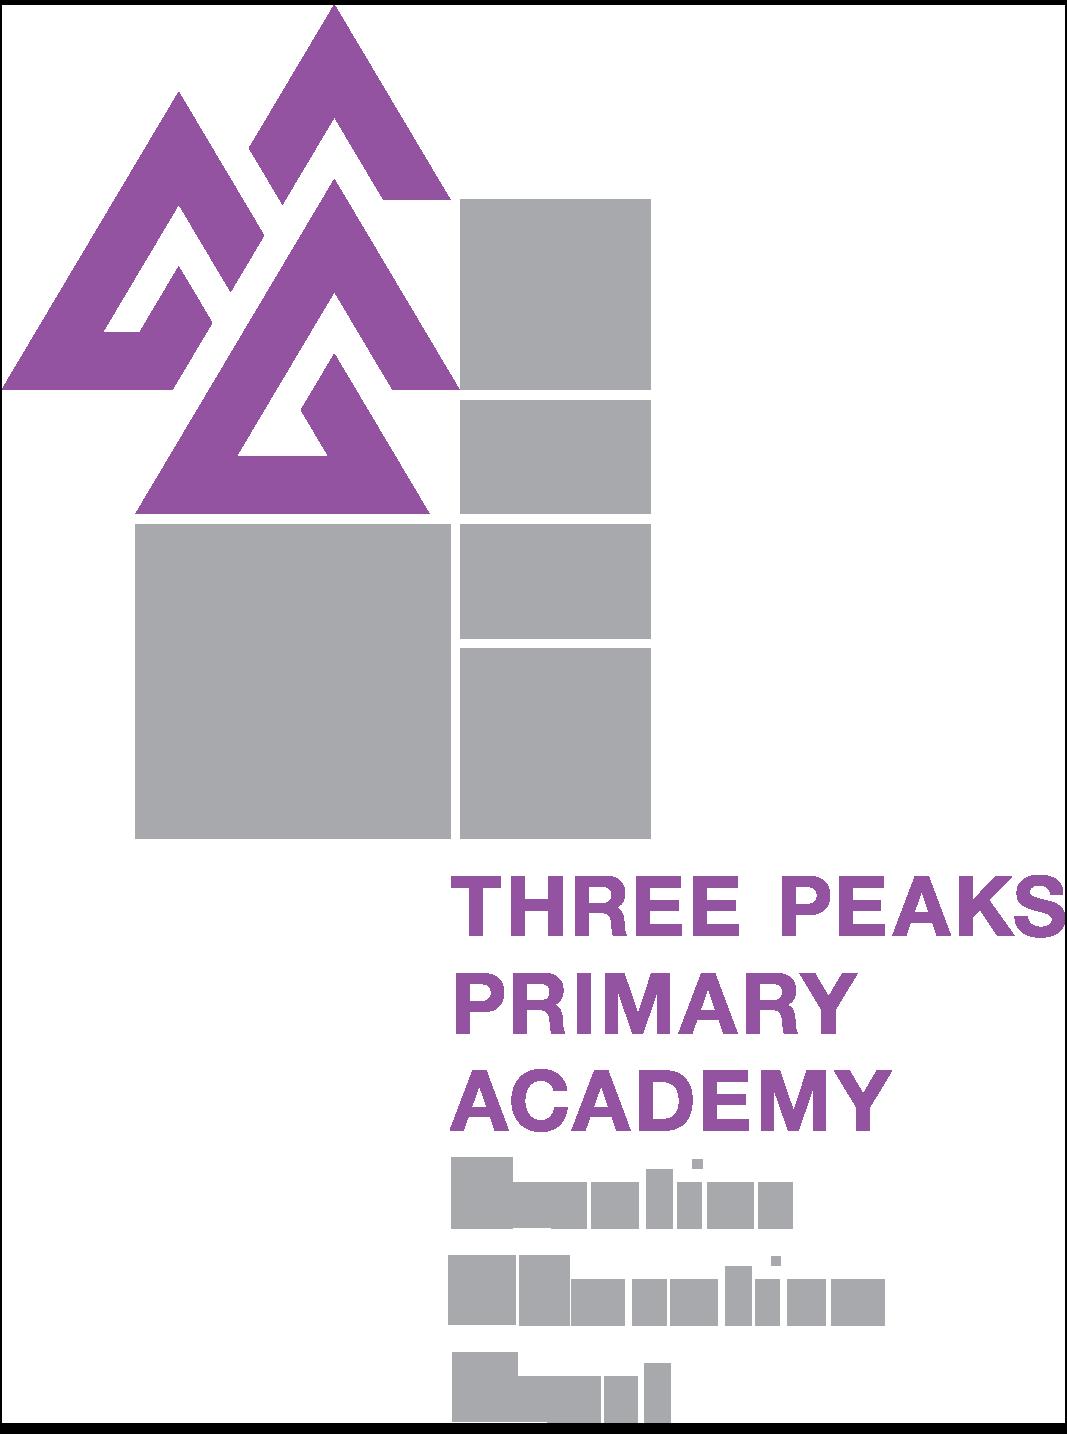 three peaks academy CET logo